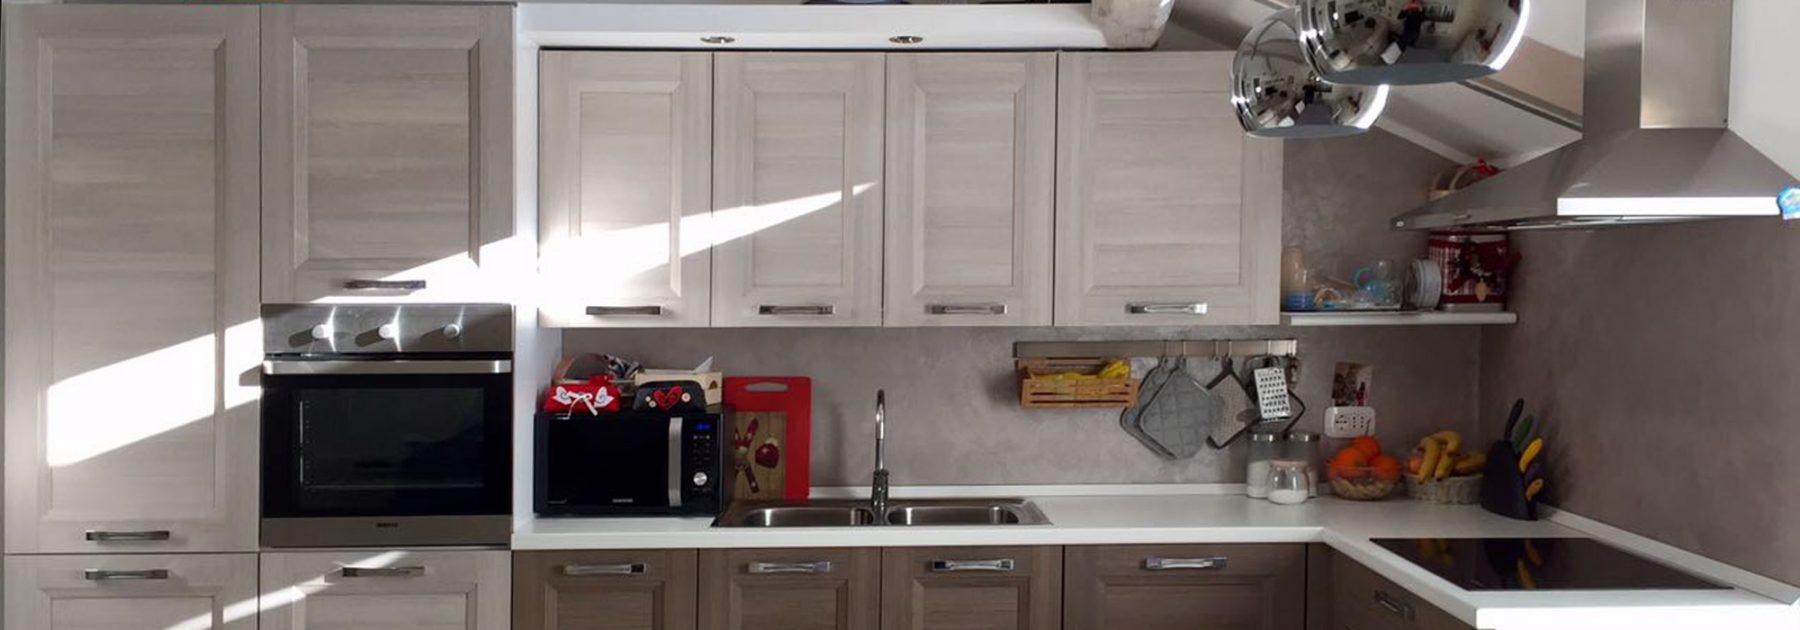 Il pioppo il pioppo - Lavorare in cucina ...